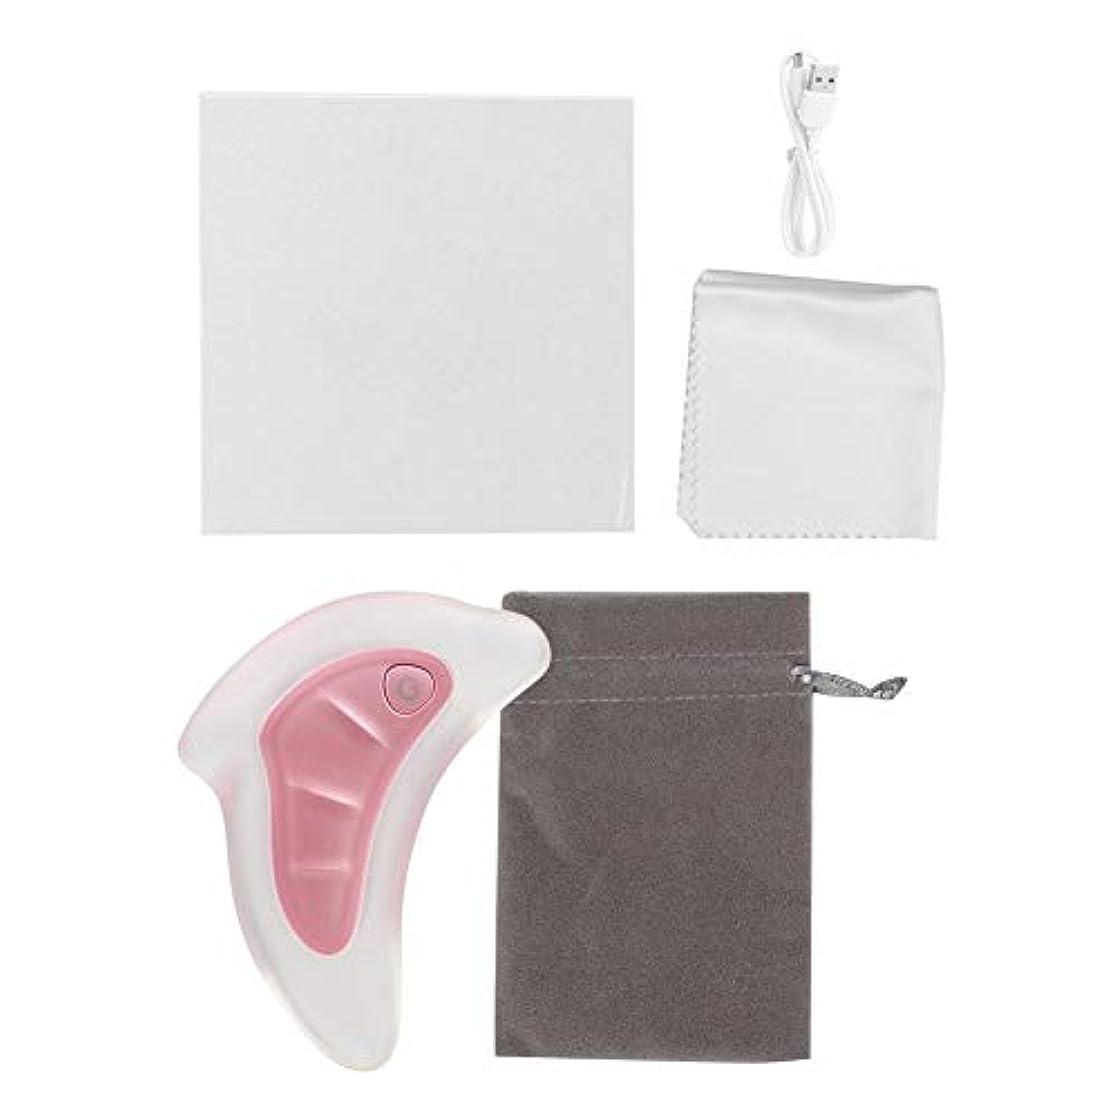 プラカード杭気がついて2色スクレーピングマッサージャー - フェイスリフティングスクレーパー、グアシャツール - アンチエイジング、アンチリンクルマッサージ&フェイシャルグアシャ、カラフルなライトを廃棄するための楽器(ピンク)